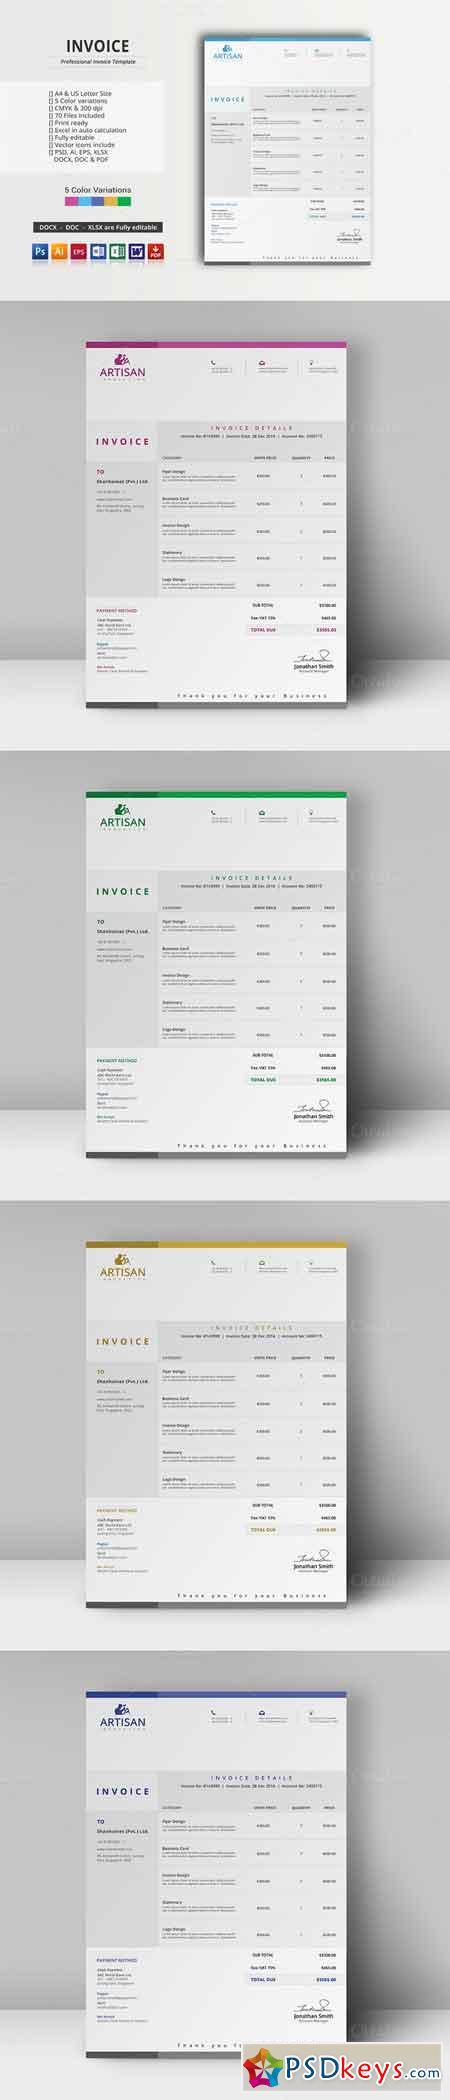 invoice photoshop vector stock image via torrent invoice 626143